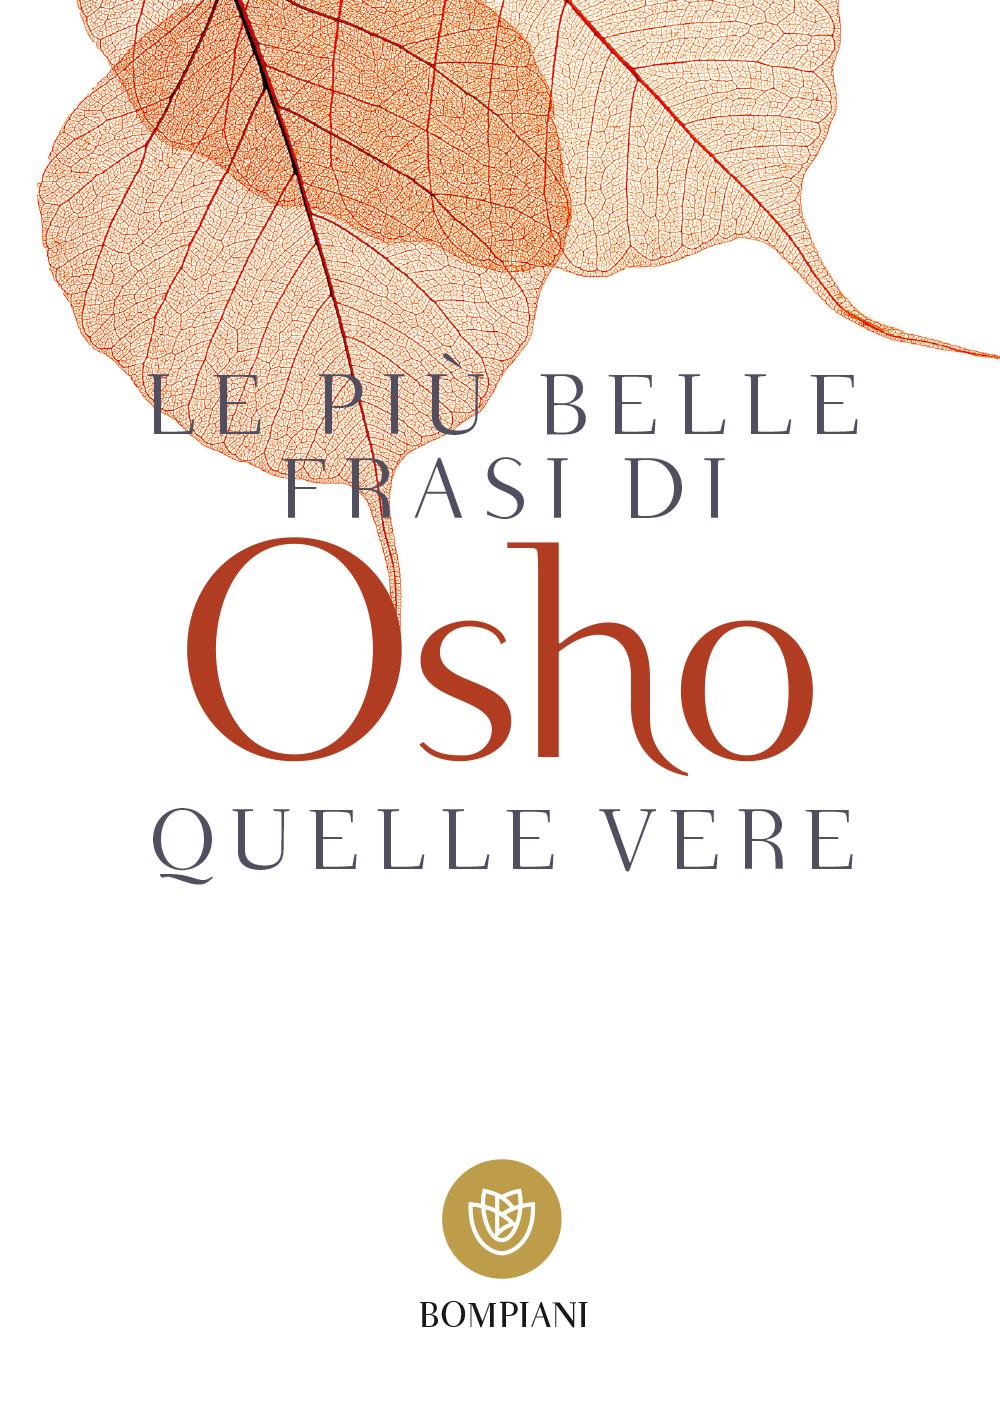 Le più belle frasi di Osho